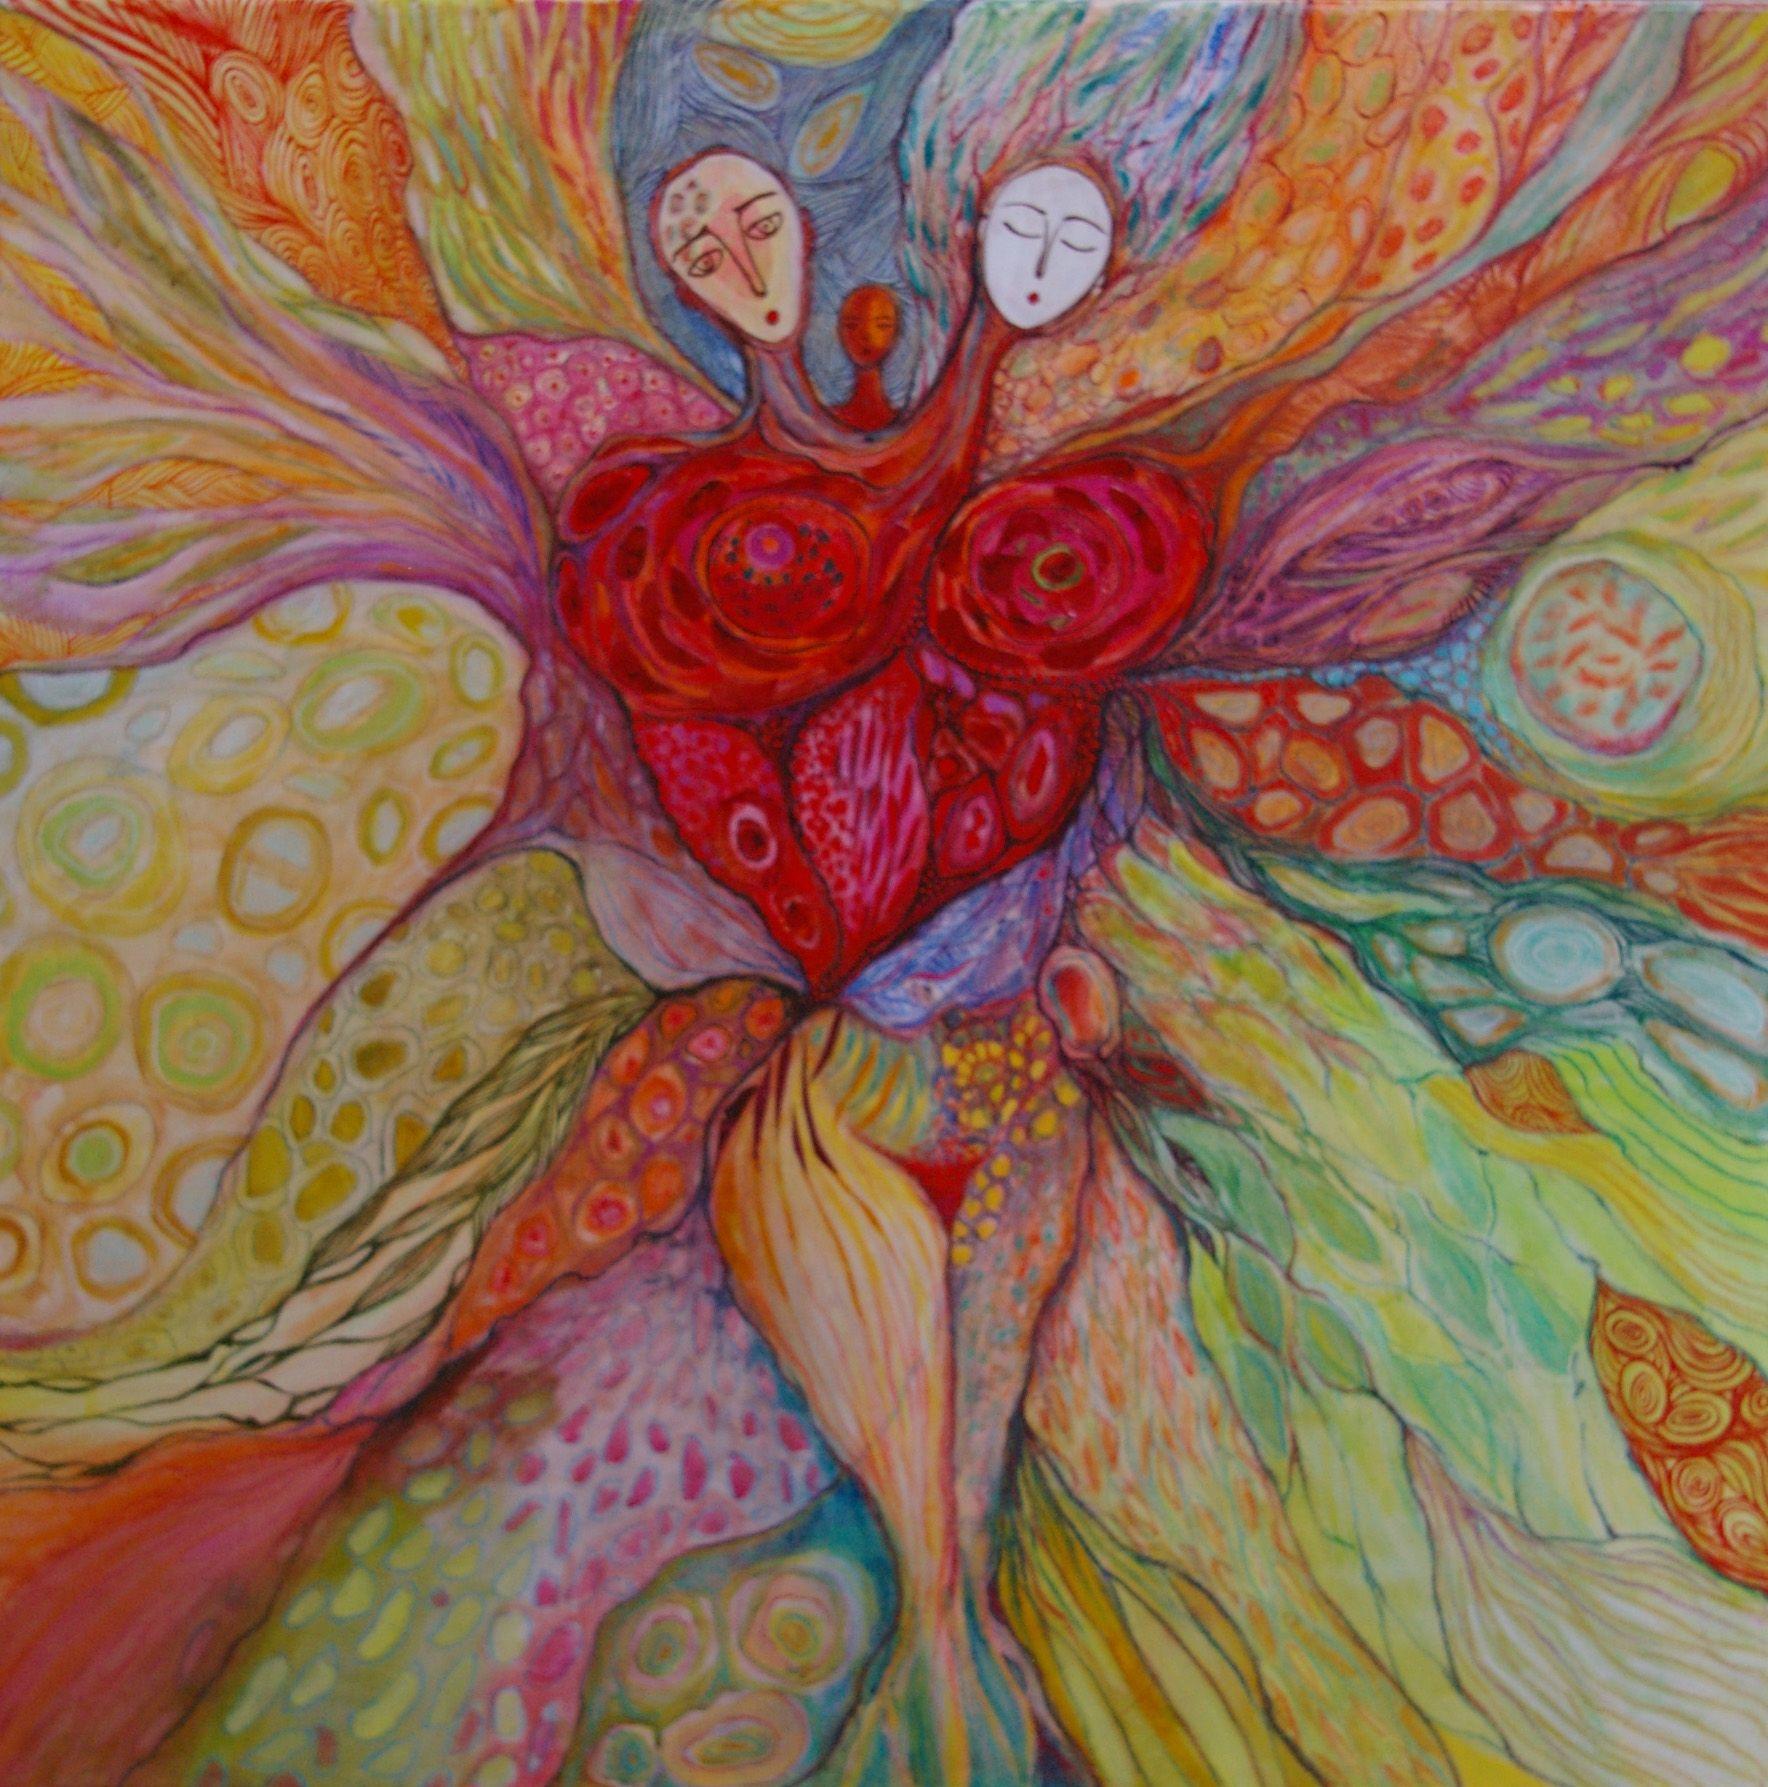 Pastel gras, acrylique, encre sur toile 100/100cm. L'énergie de l'Amour. Artiste Patricia Mouton.